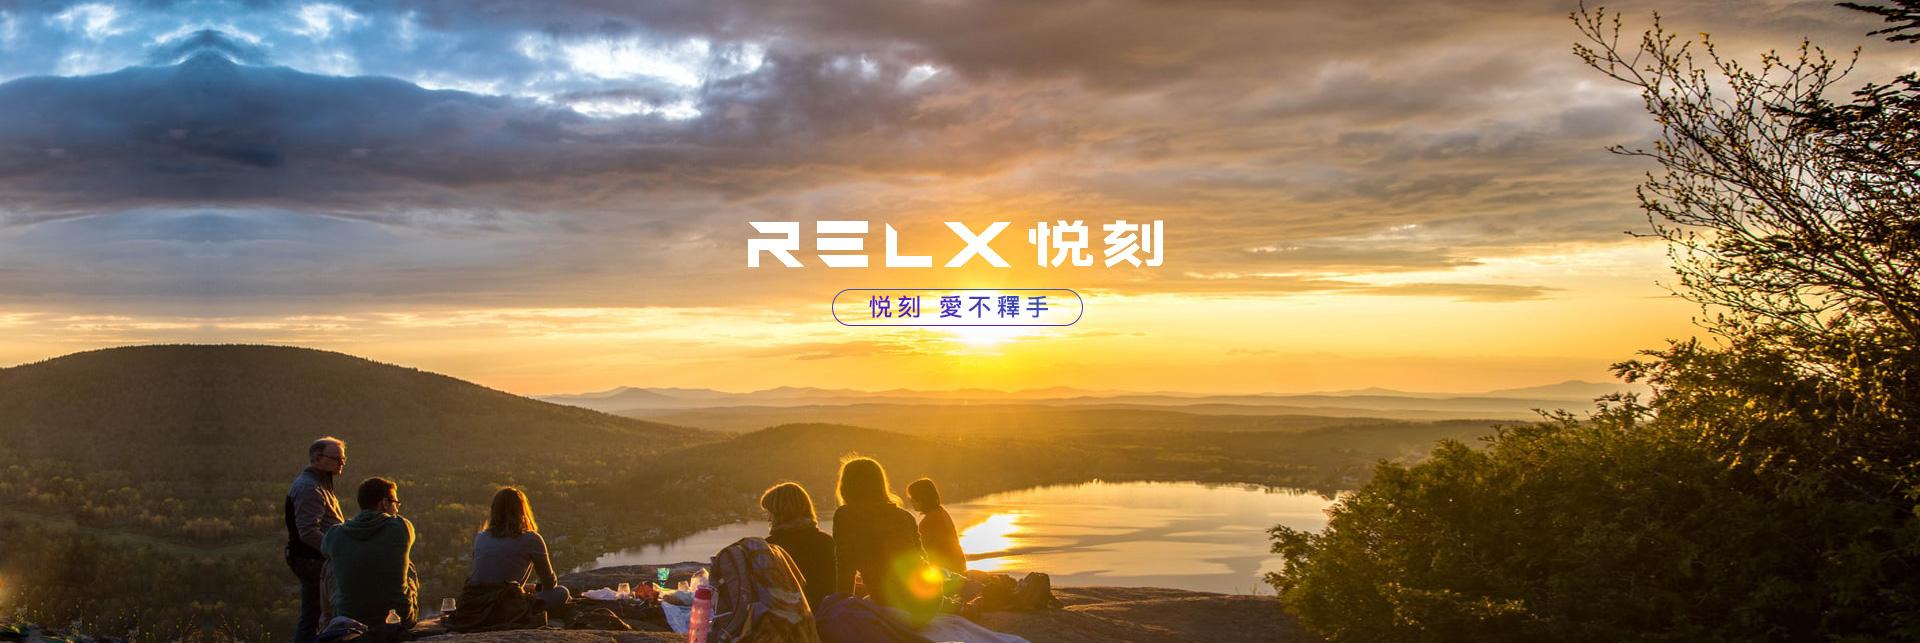 relxhk 悦刻香港